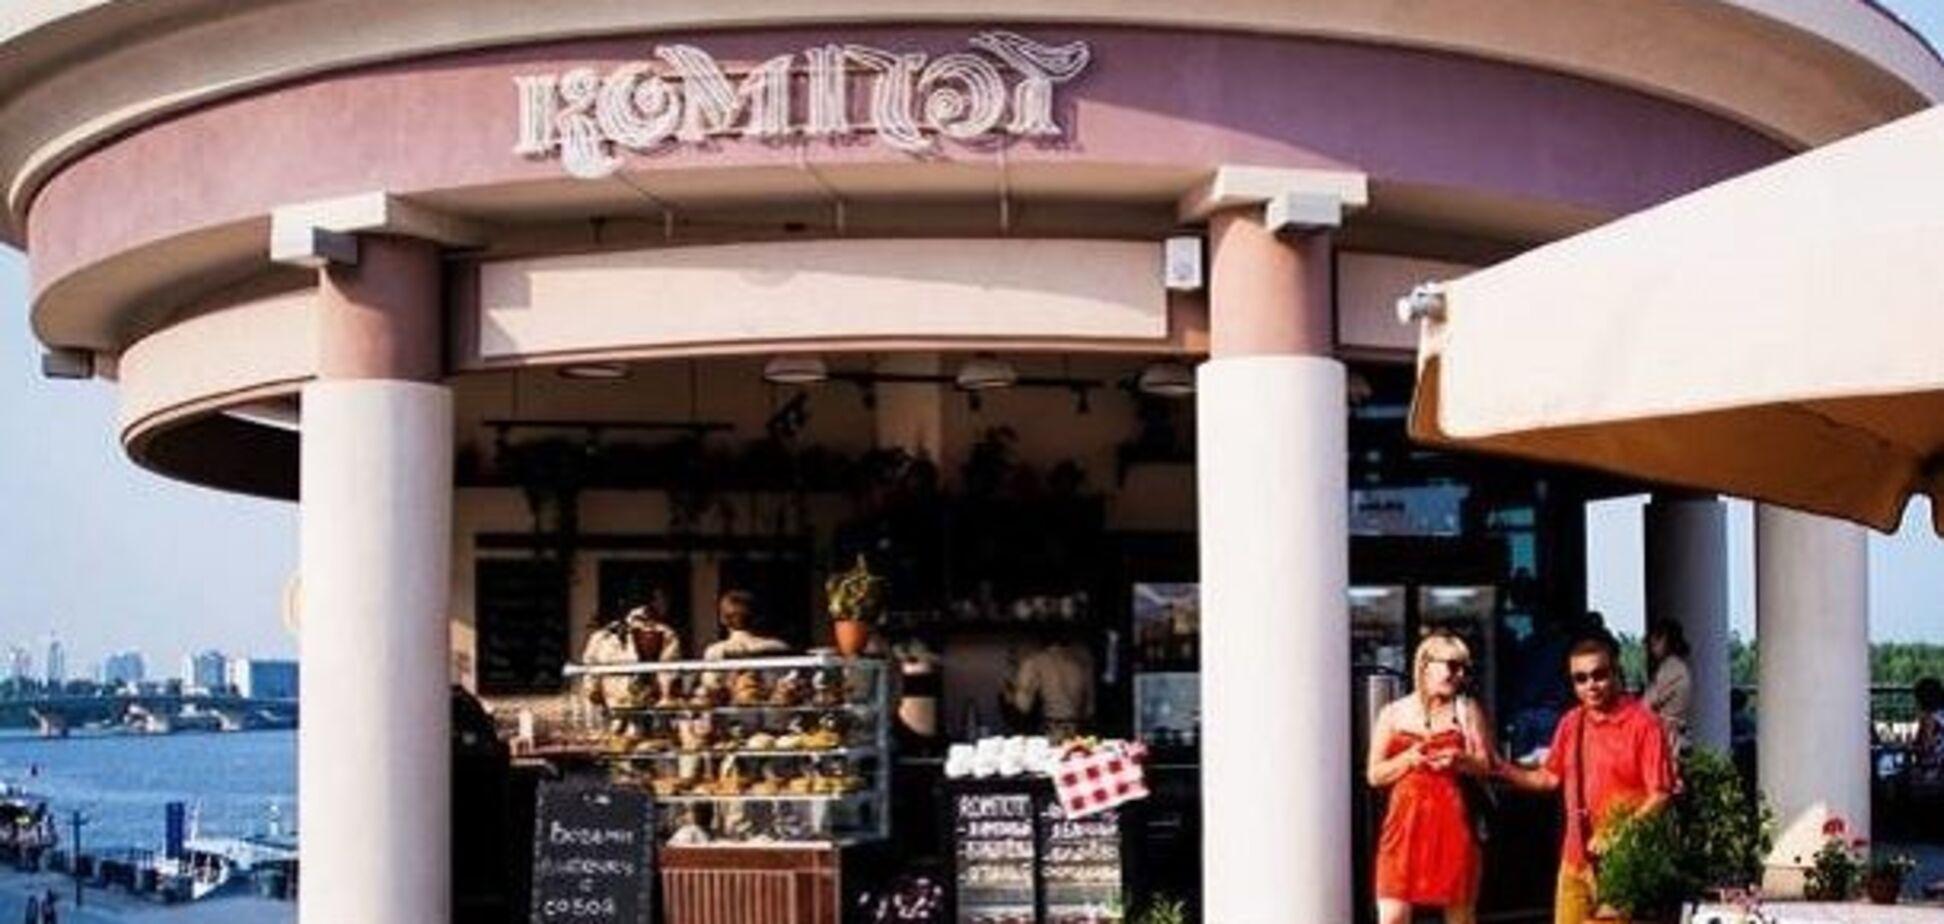 Відоме кафе в центрі Києва позбавили ліцензії через неякісні страви